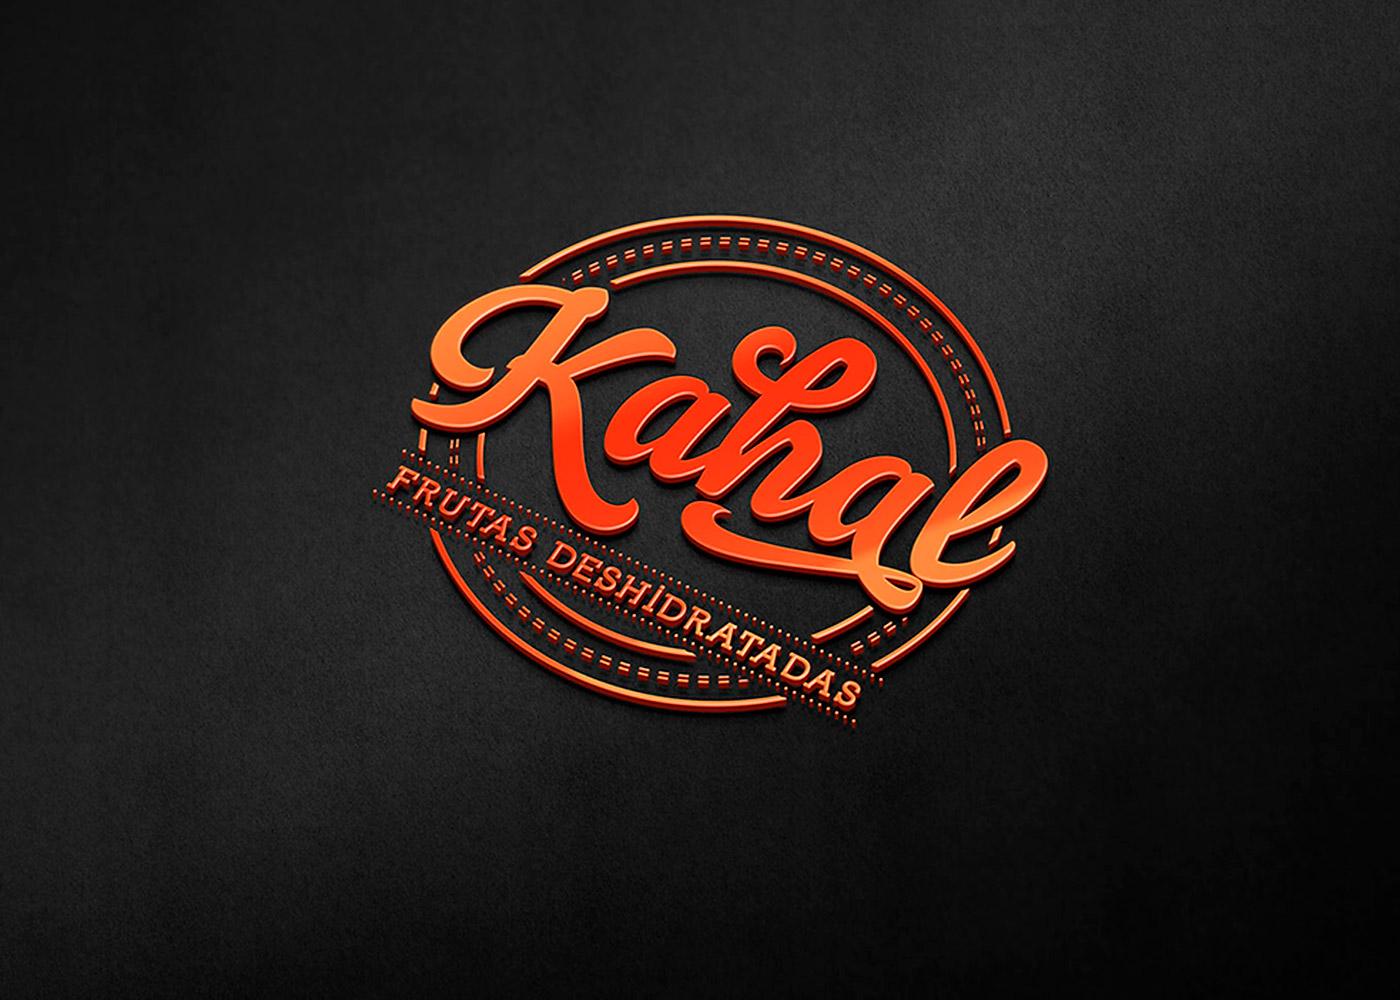 kahal5